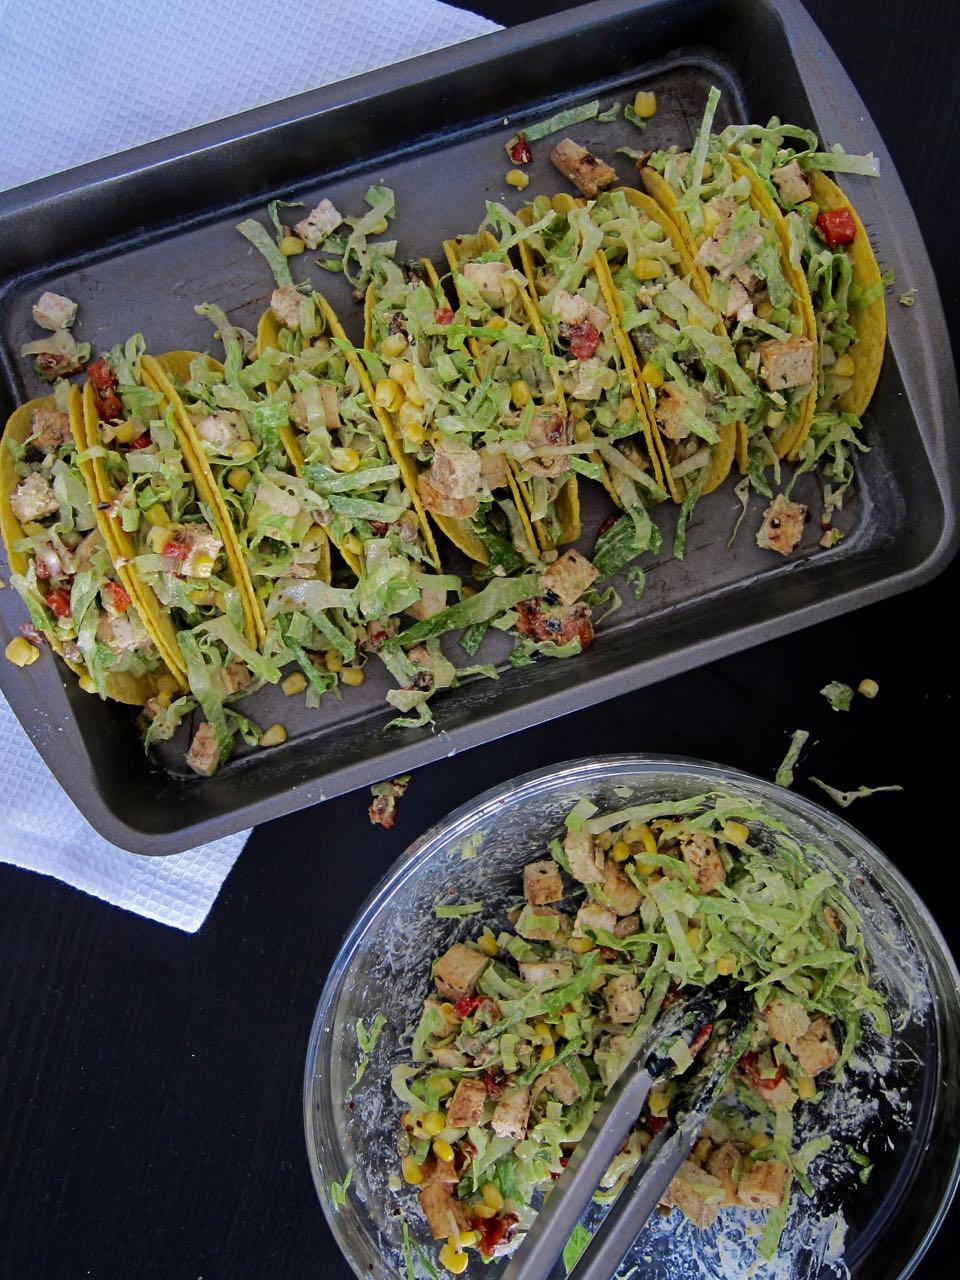 filling salad tacos